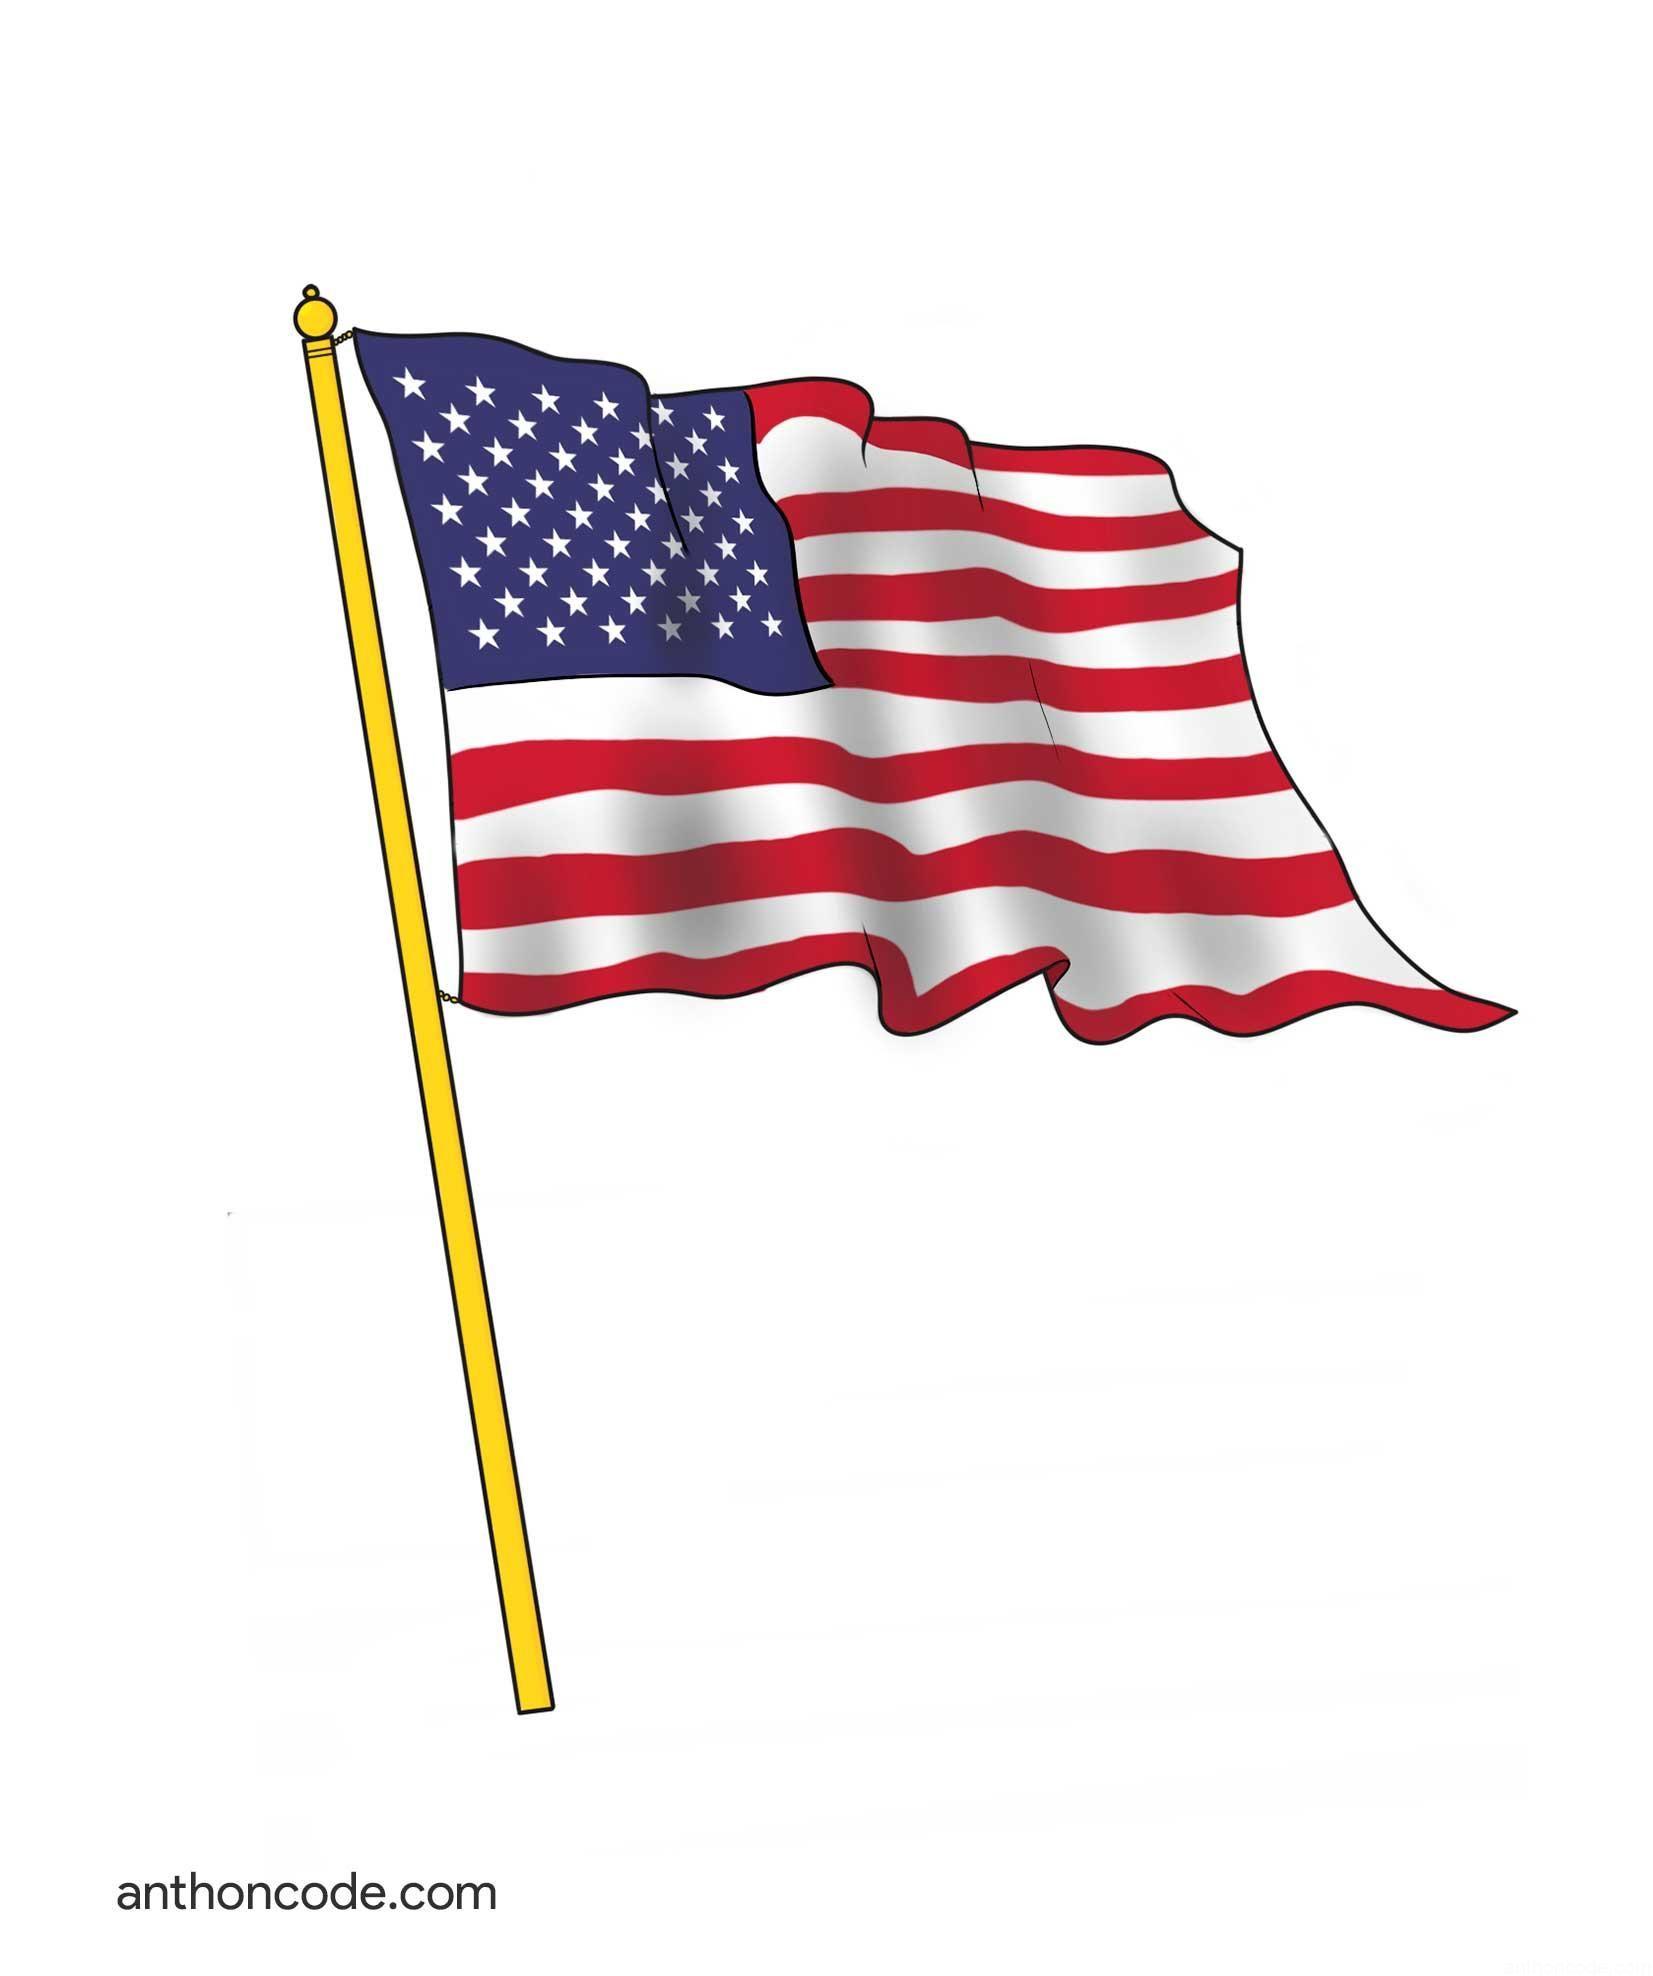 Bandera De Los Estados Unidos Bandera De Estados Unidos Bandera De Eua Bandera De Guatemala